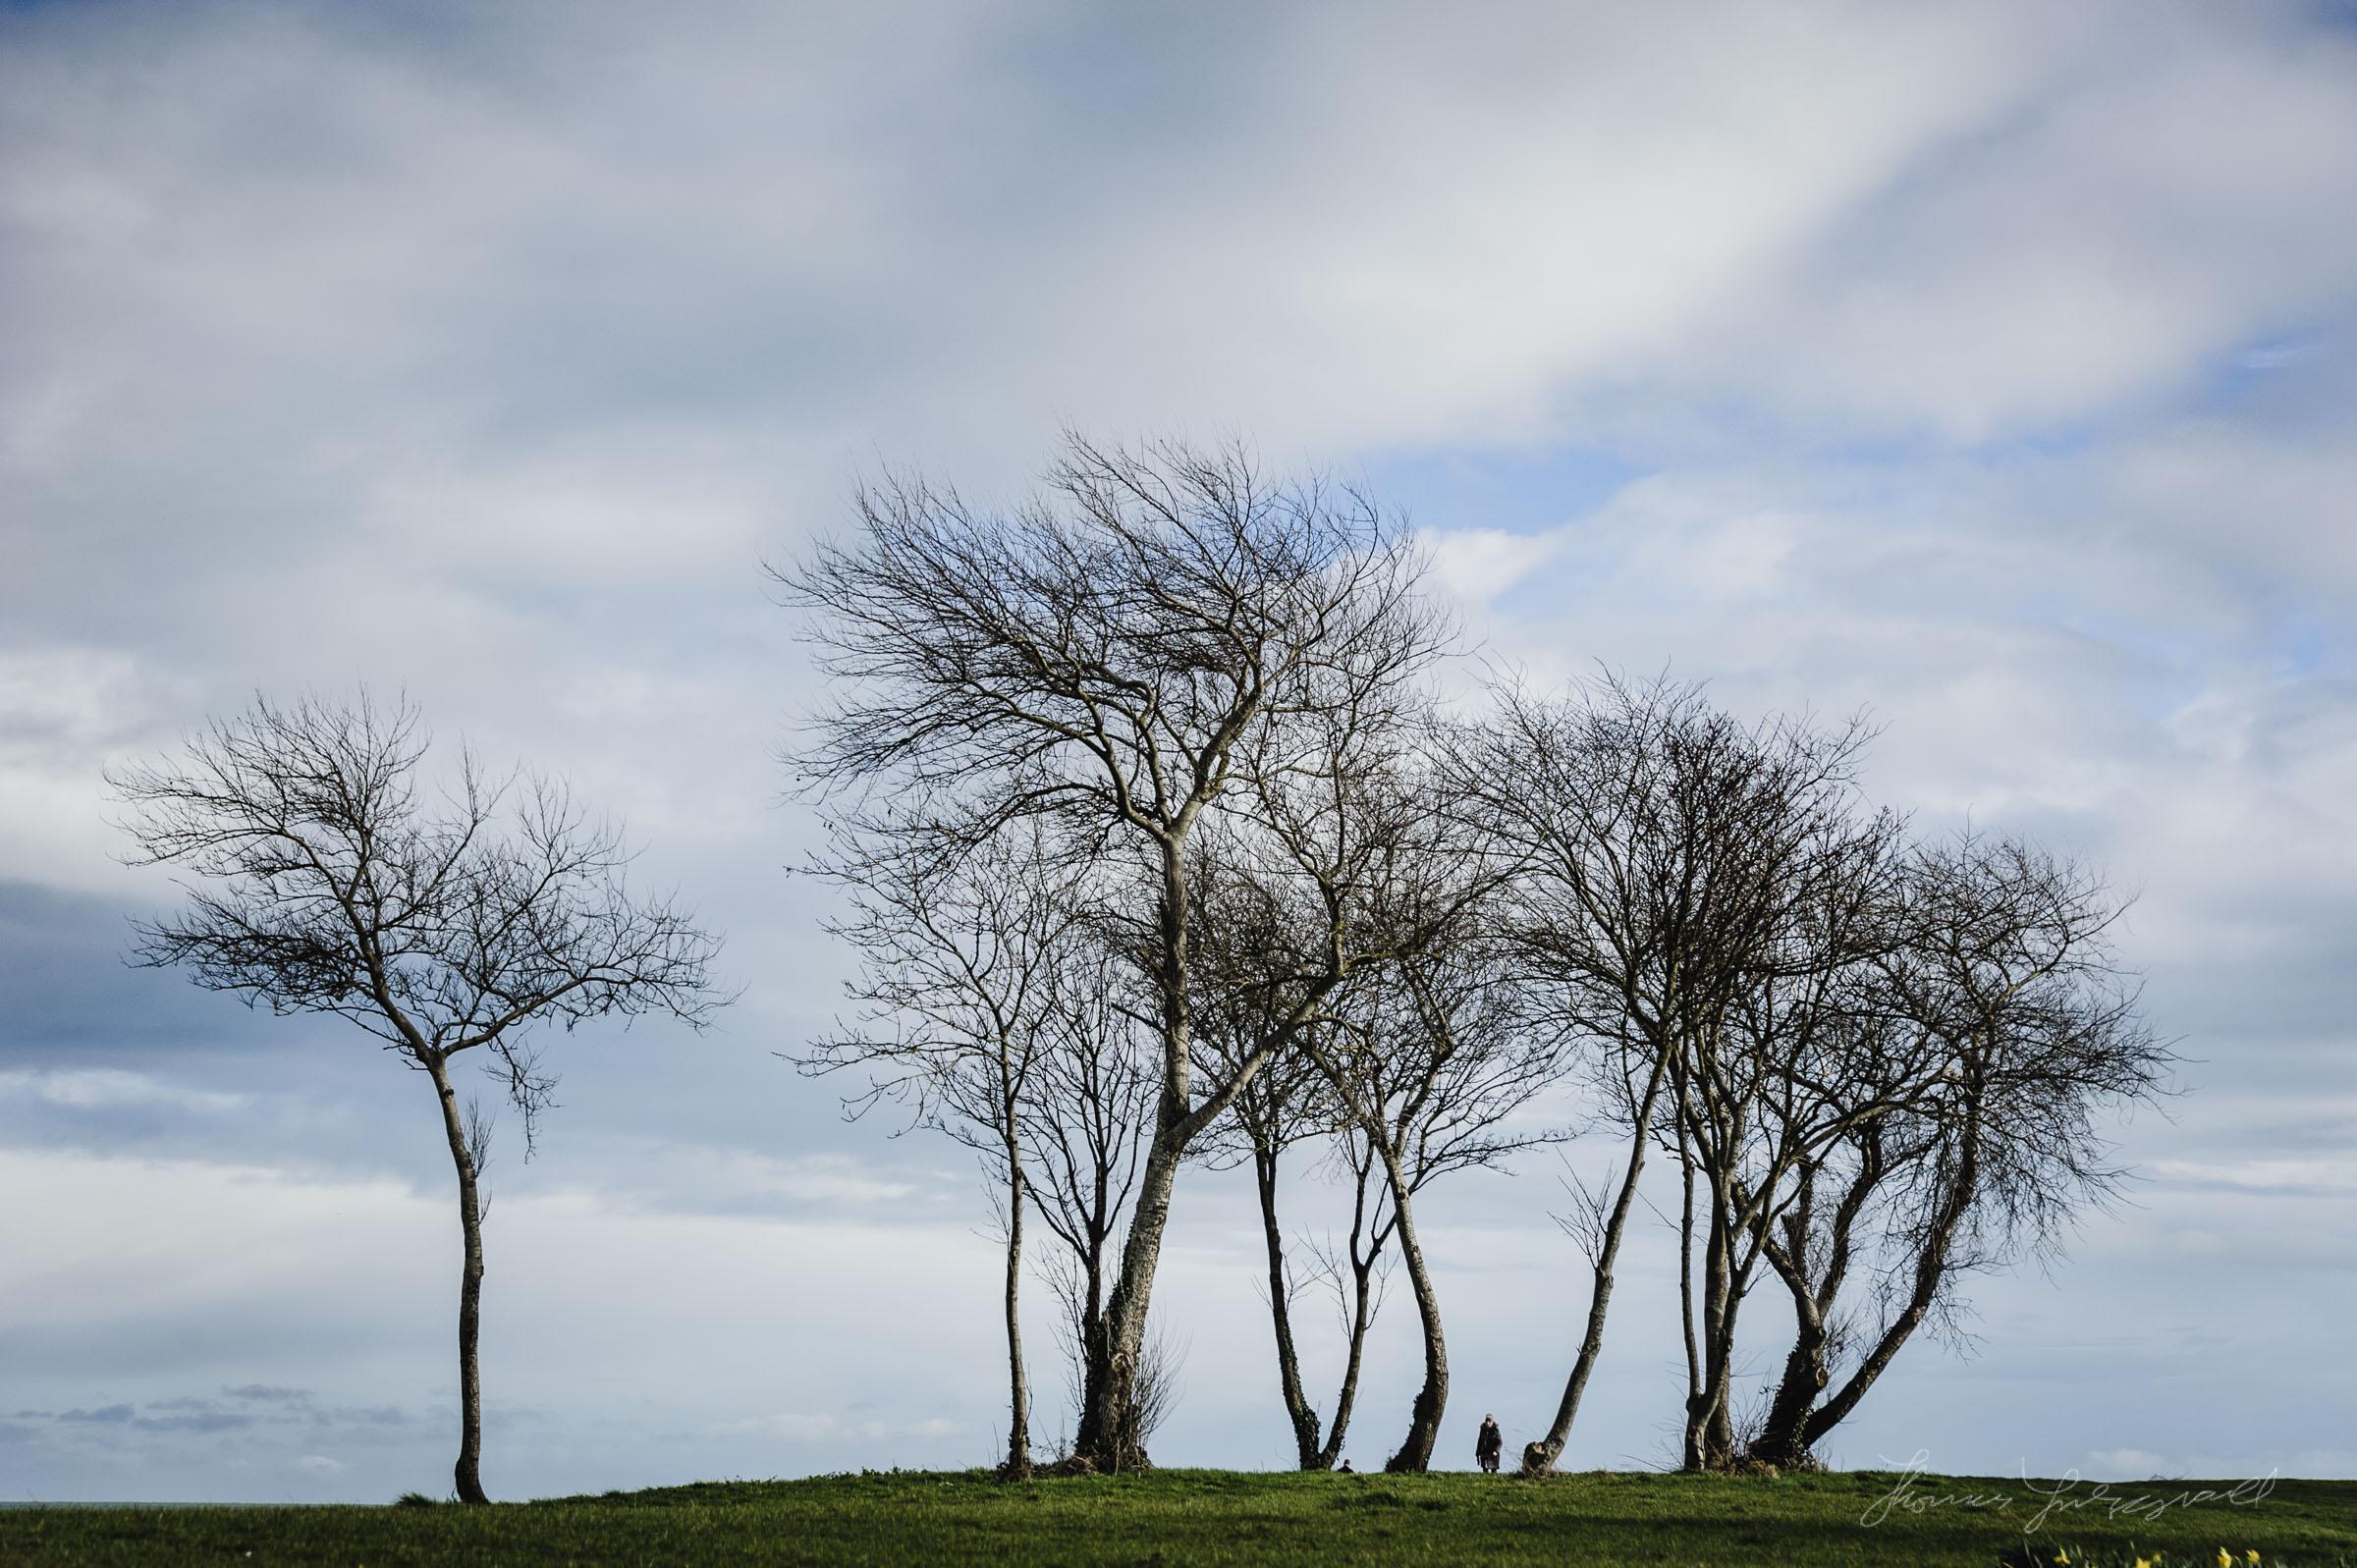 Tree lined hills in malahide